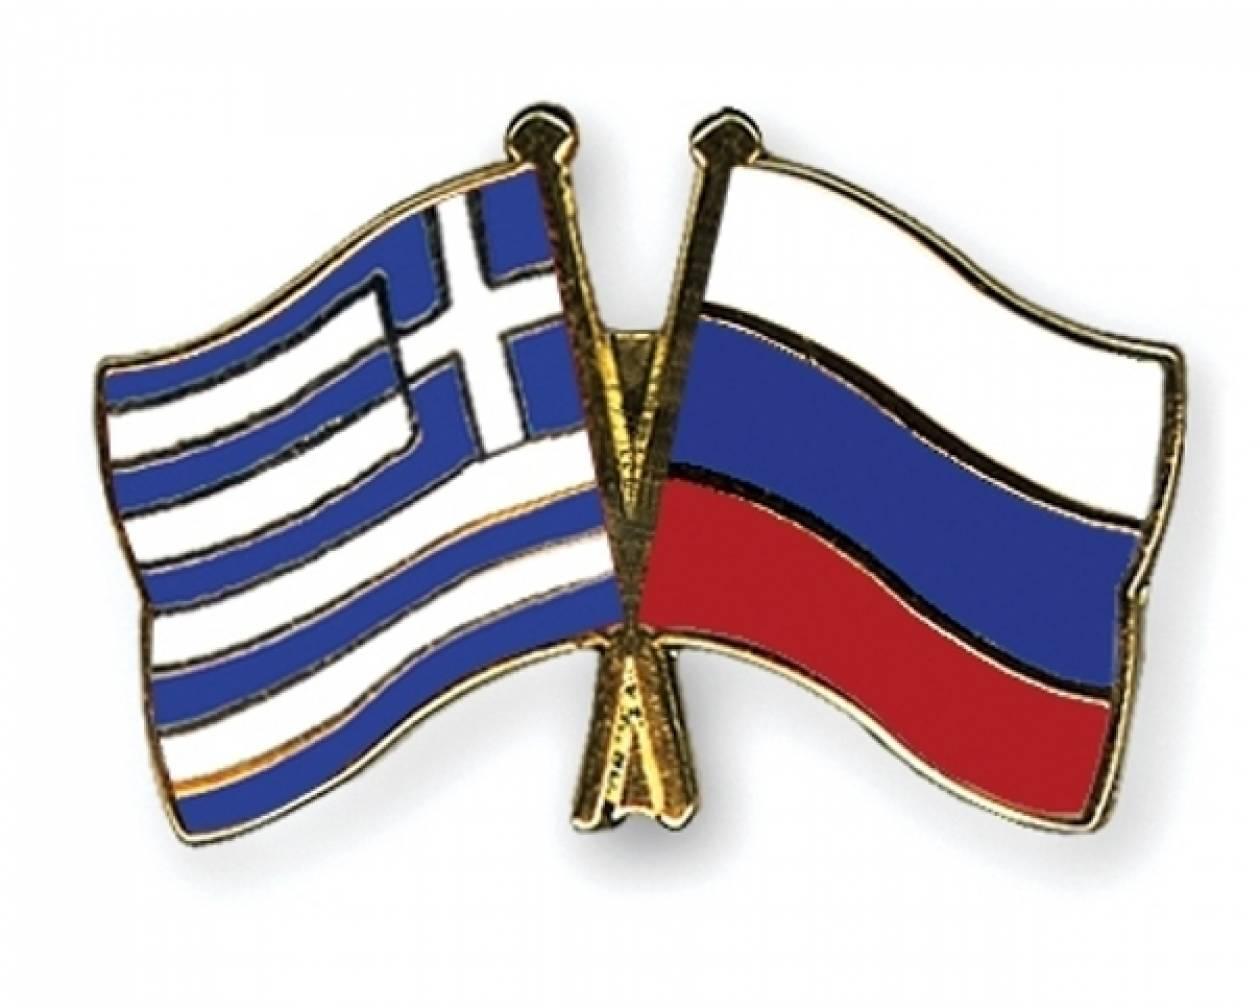 Προς αναθέρμανση οι σχέσεις Ελλάδας - Ρωσίας;